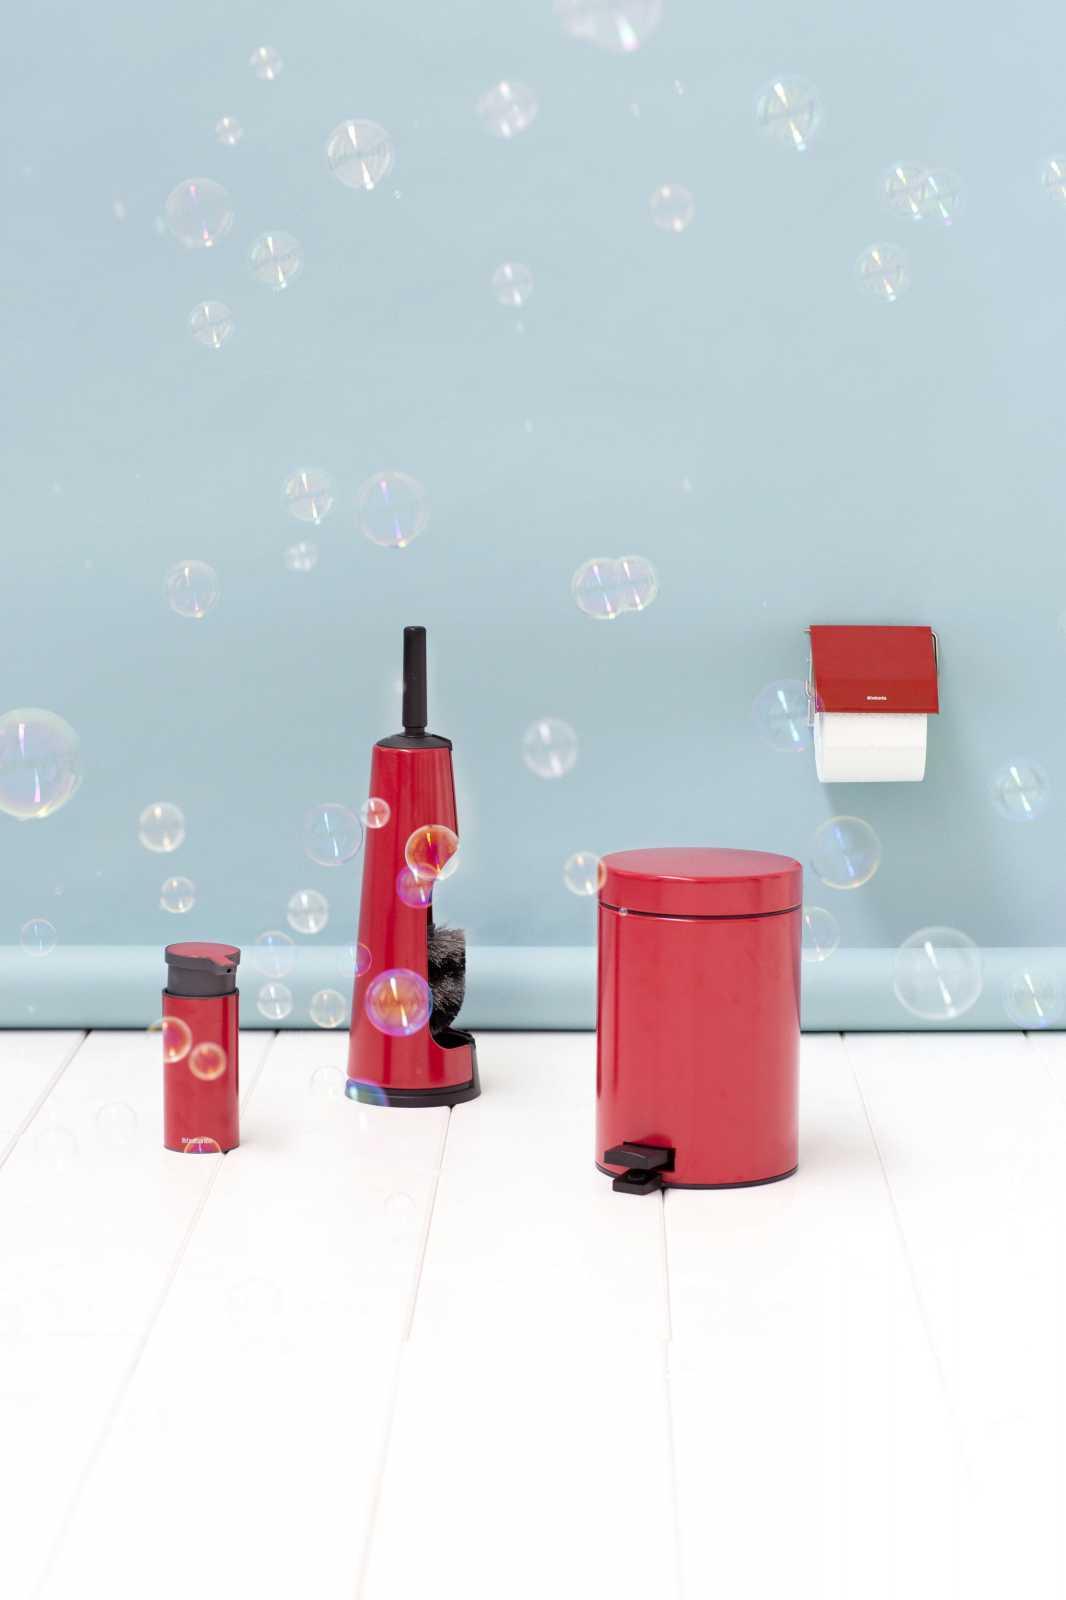 Ершик туалетный с держателем Brabantia, красный с черным Brabantia 107849 фото 2